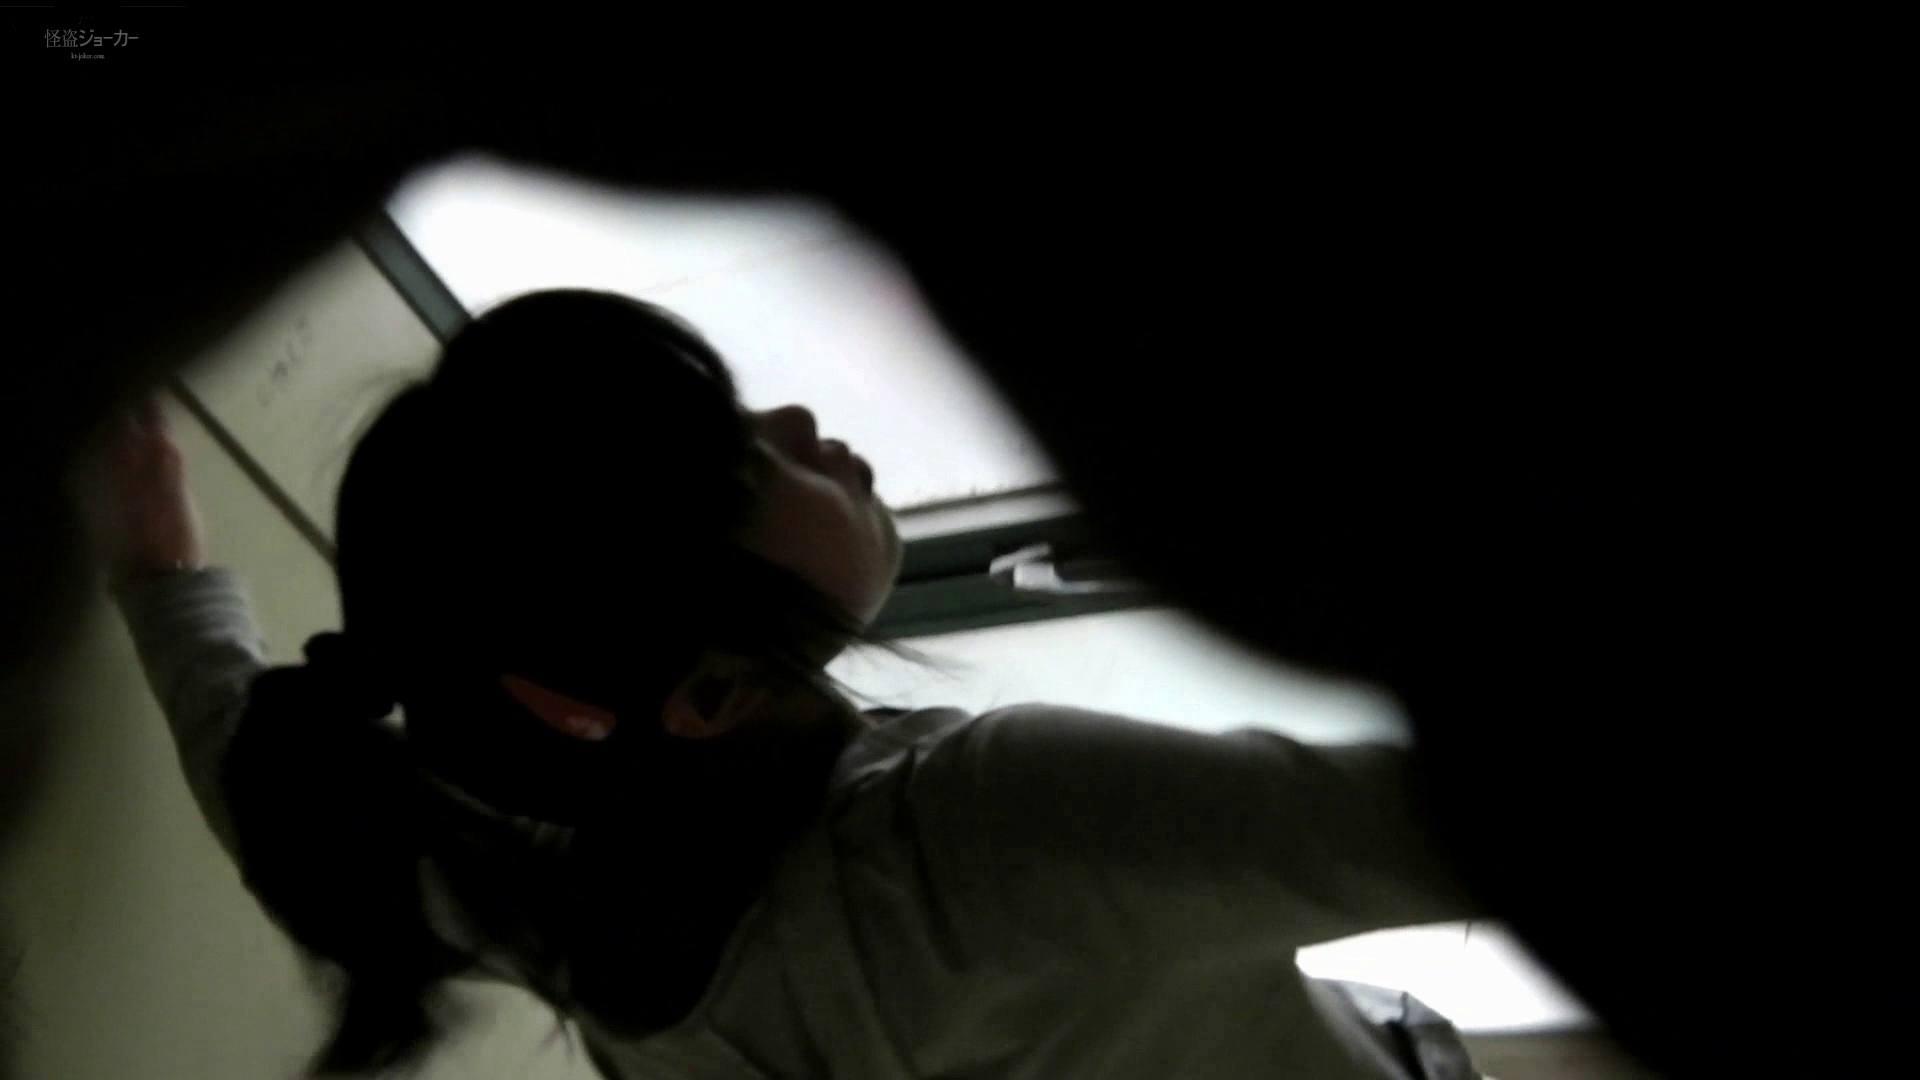 ステーション編 vol.25 必見桜庭みなみ?似 登場! ギャルズ ワレメ無修正動画無料 87画像 80